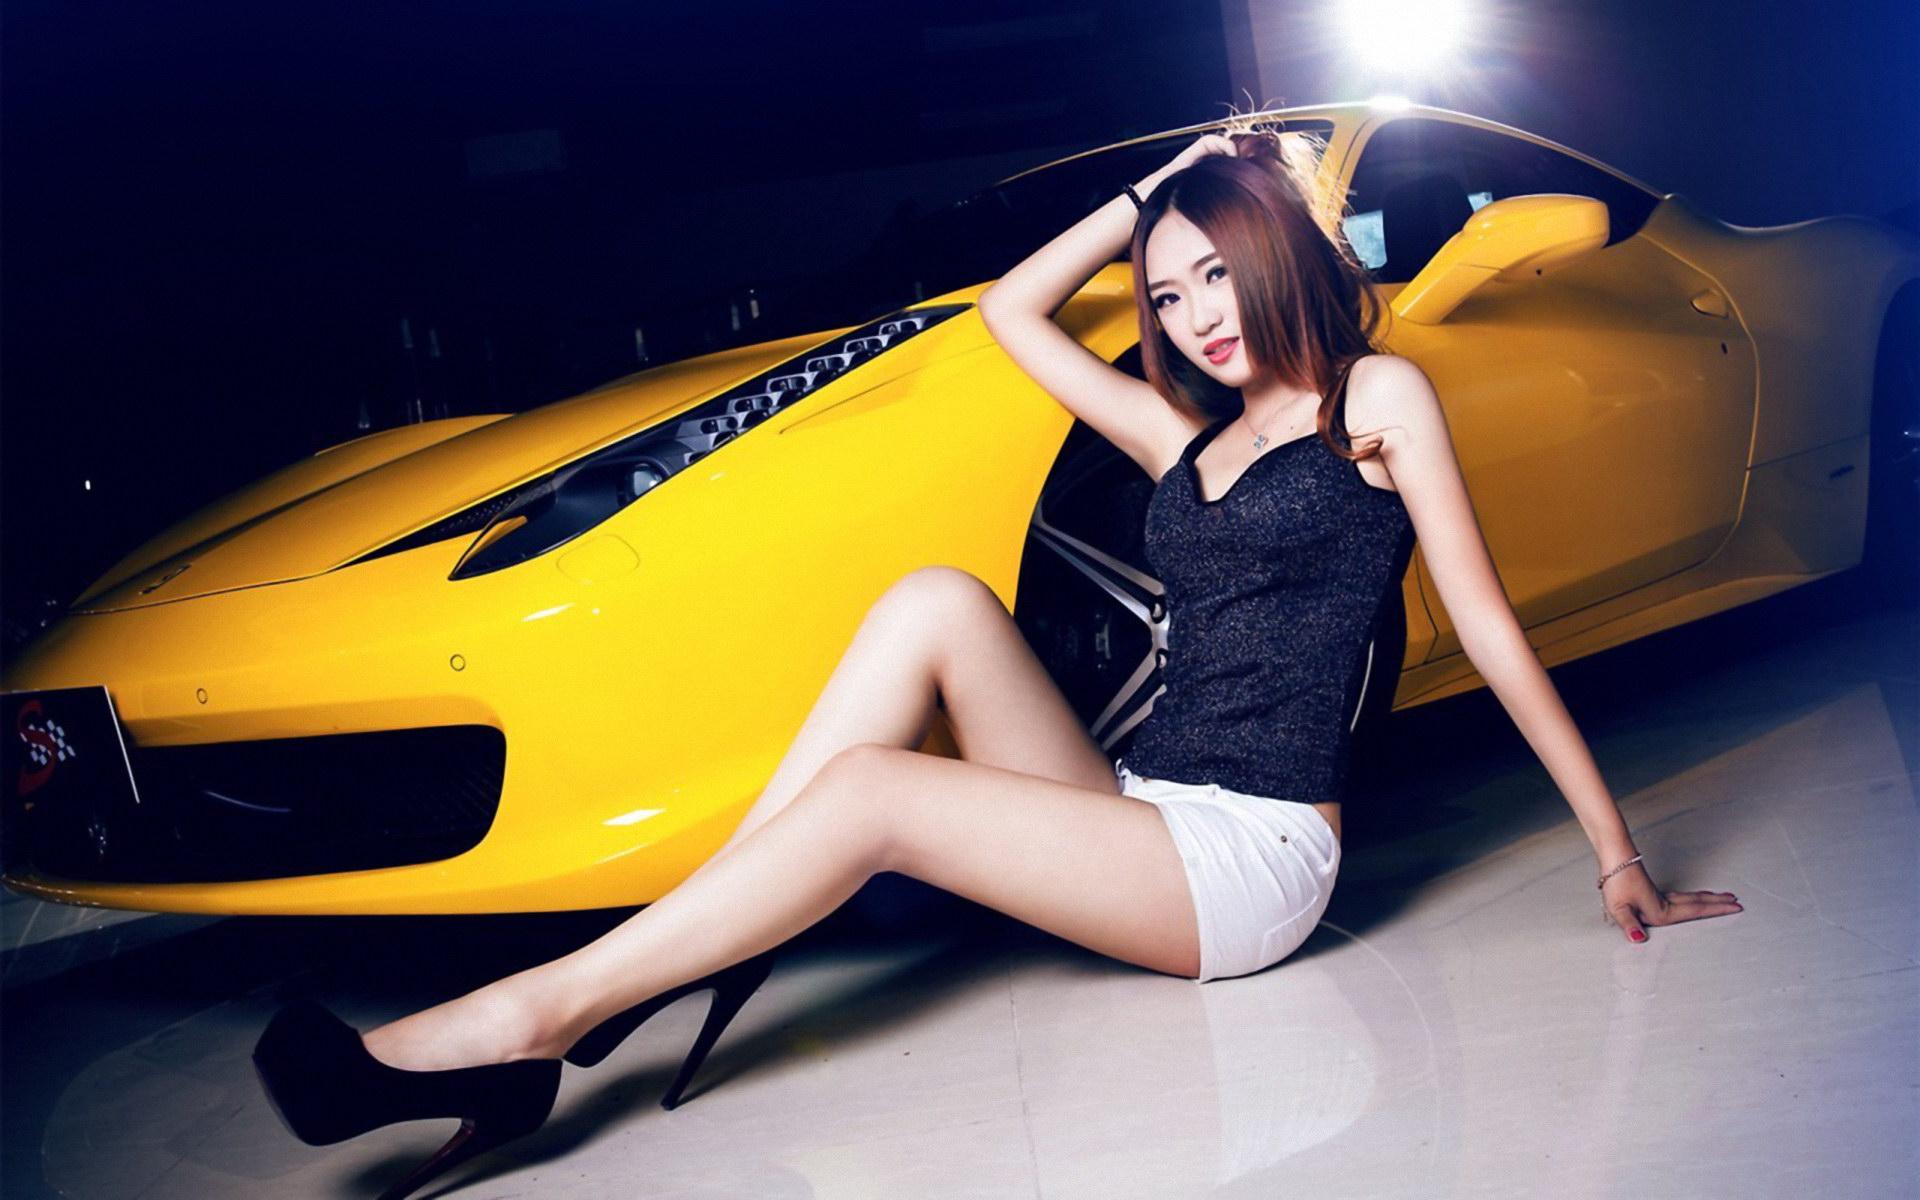 法拉利 靓丽 美女 车模 壁纸 桌面壁高清图片